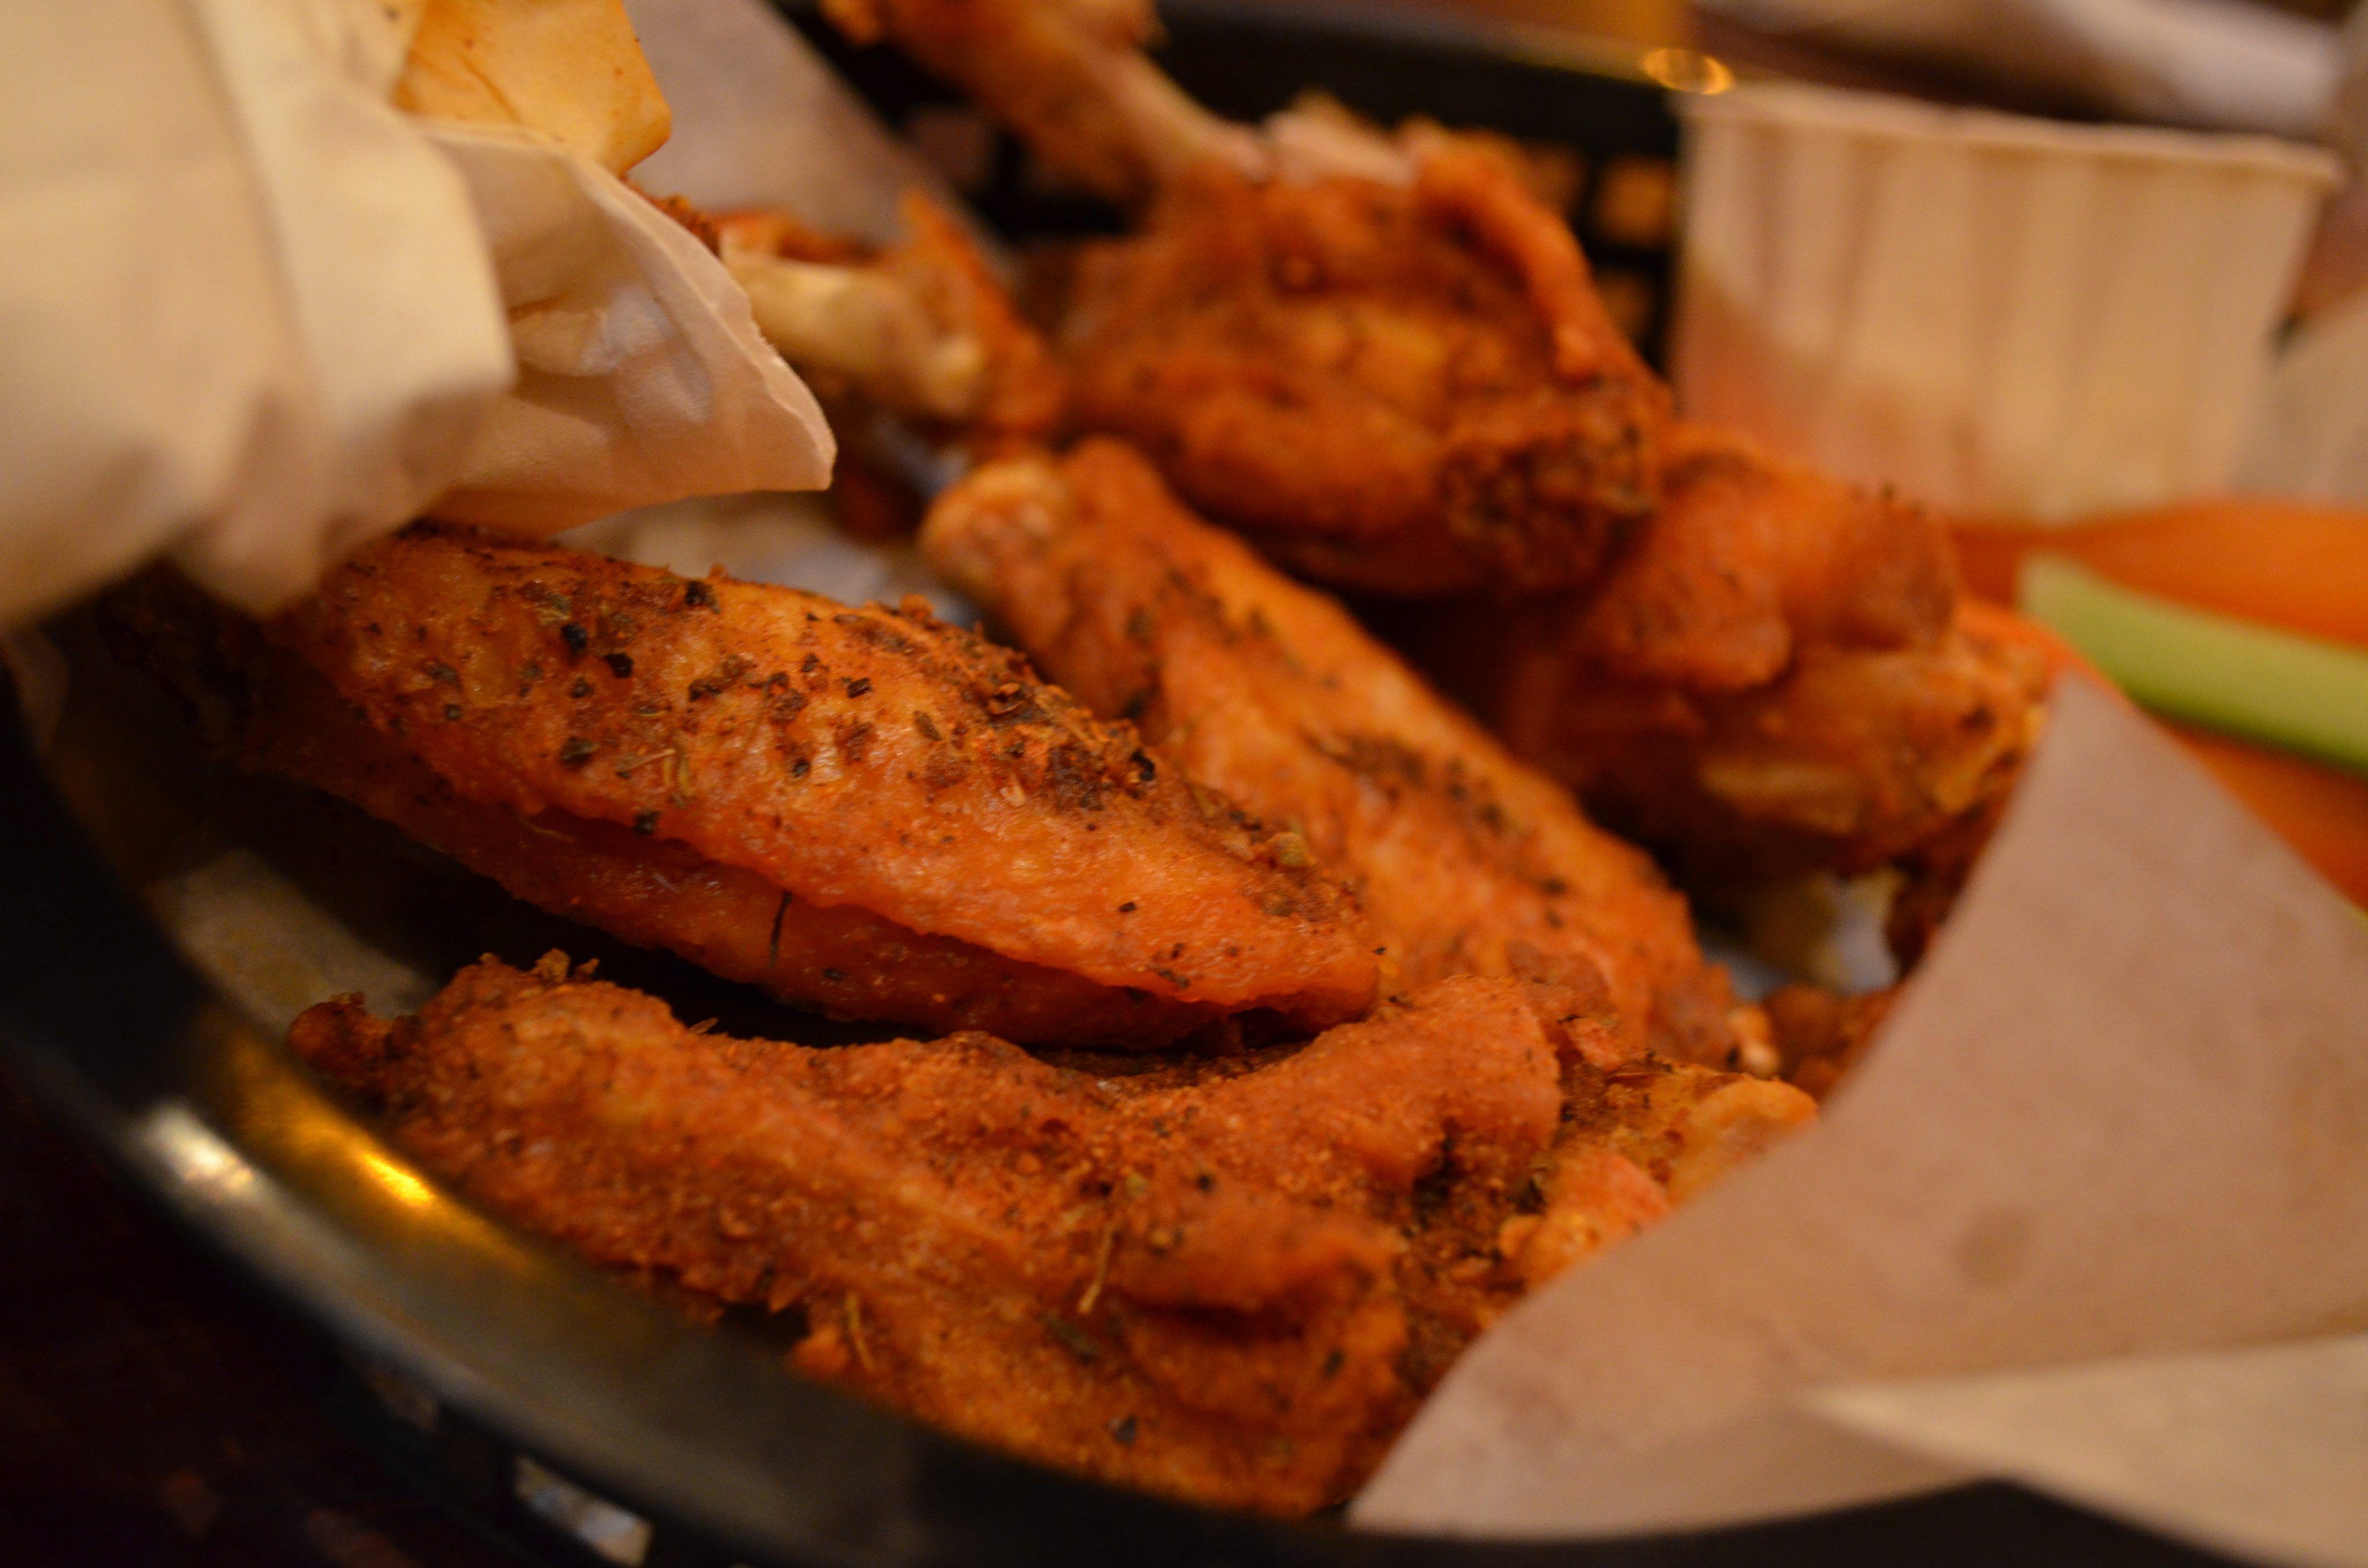 how long to cook frozen boneless chicken wings in air fryer